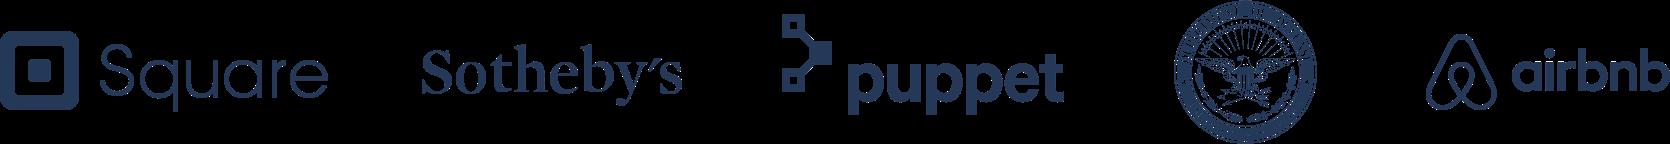 faixa do logotipo